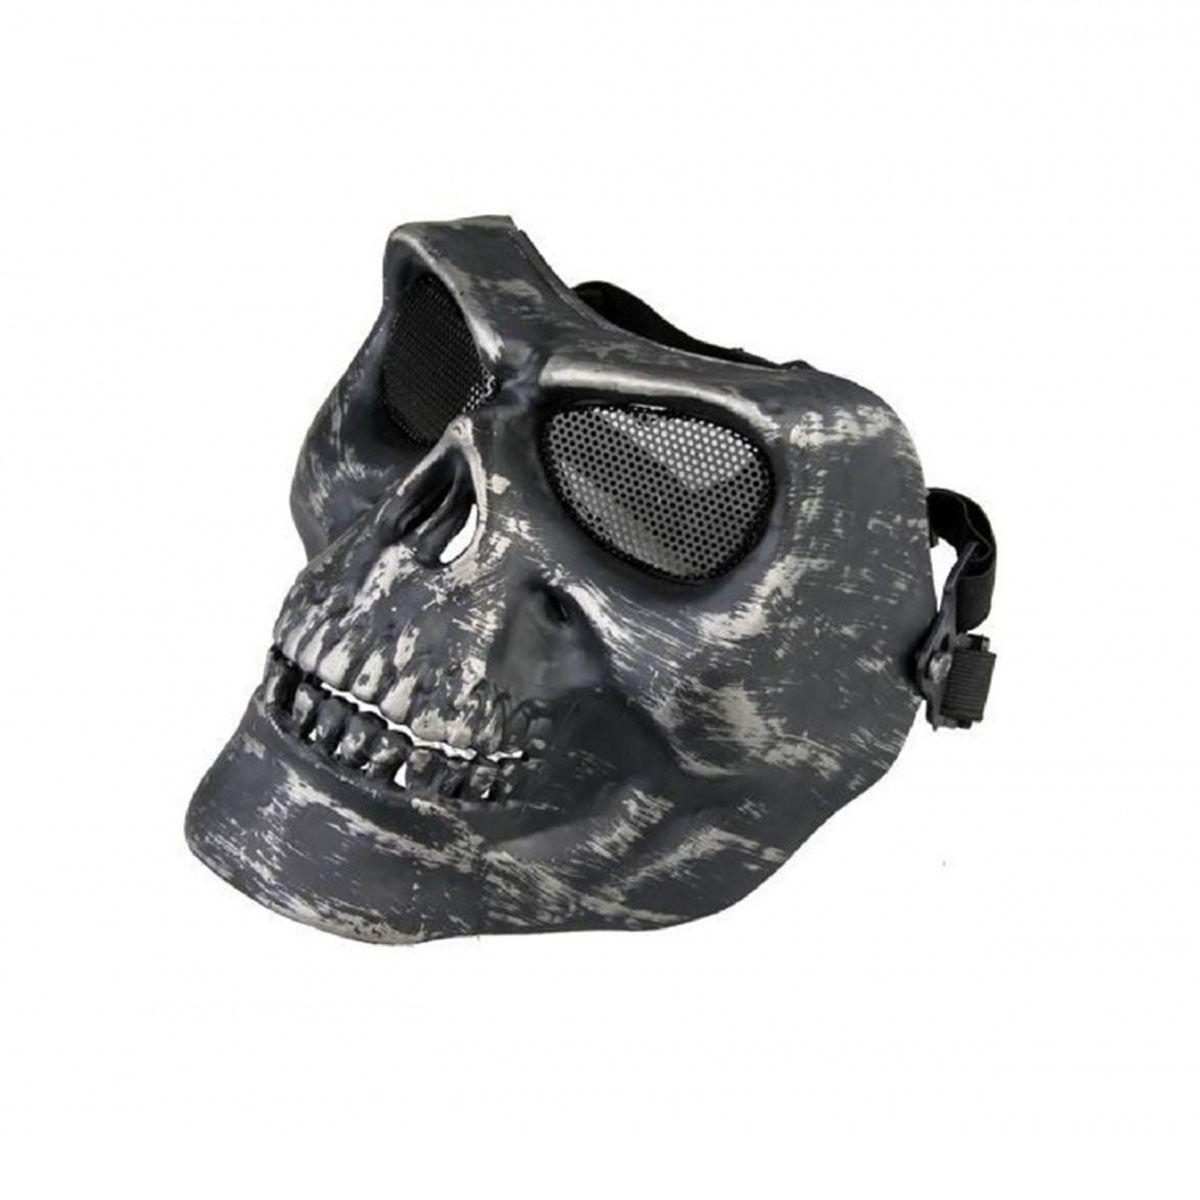 Máscara Tática de Caveira Preta Cromo ABS Tela de Metal HY051P